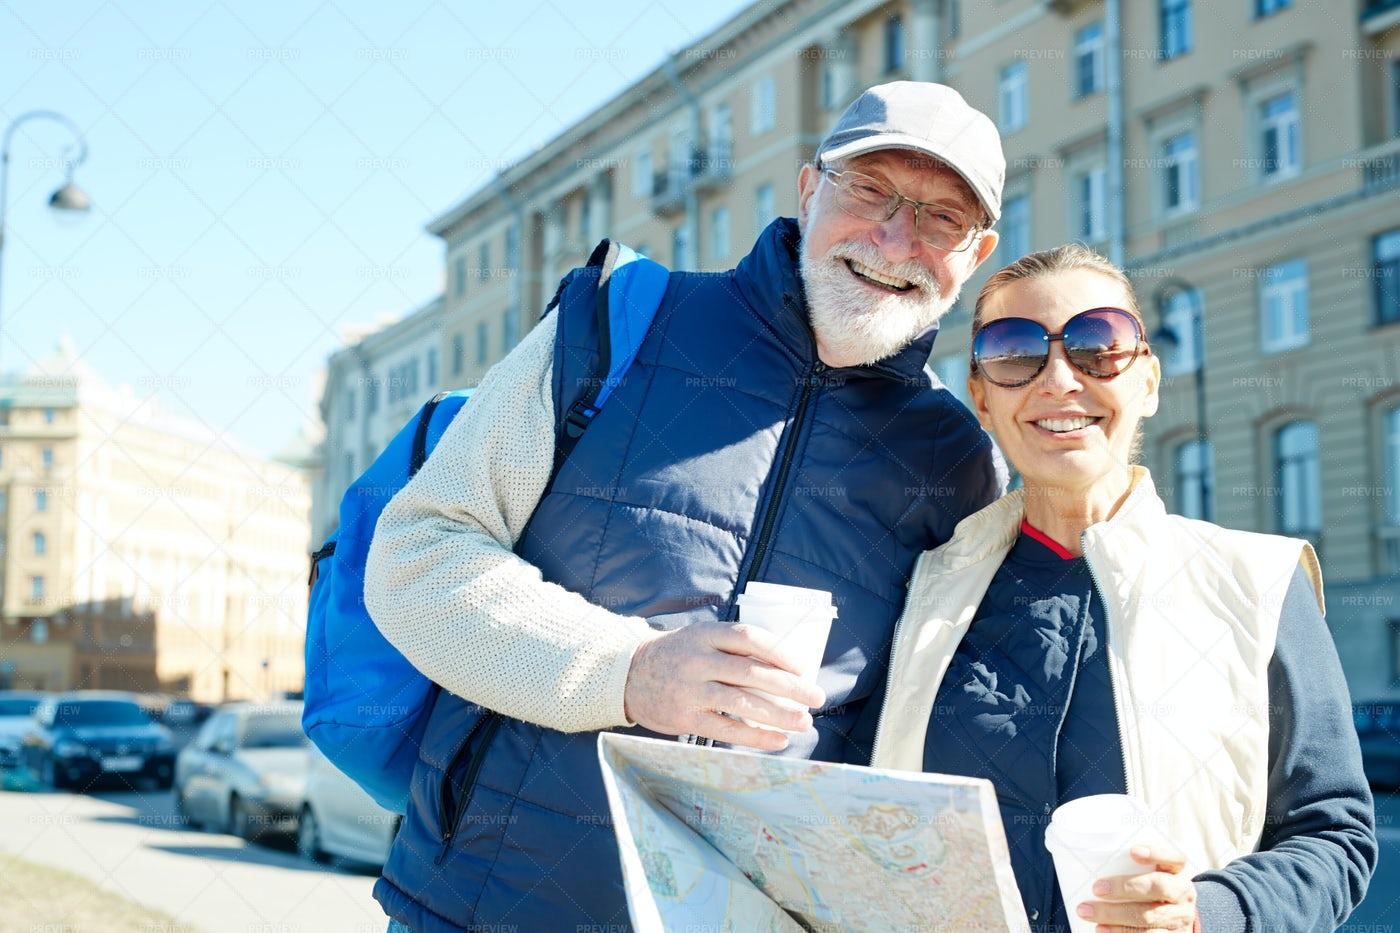 Mature Travelers: Stock Photos